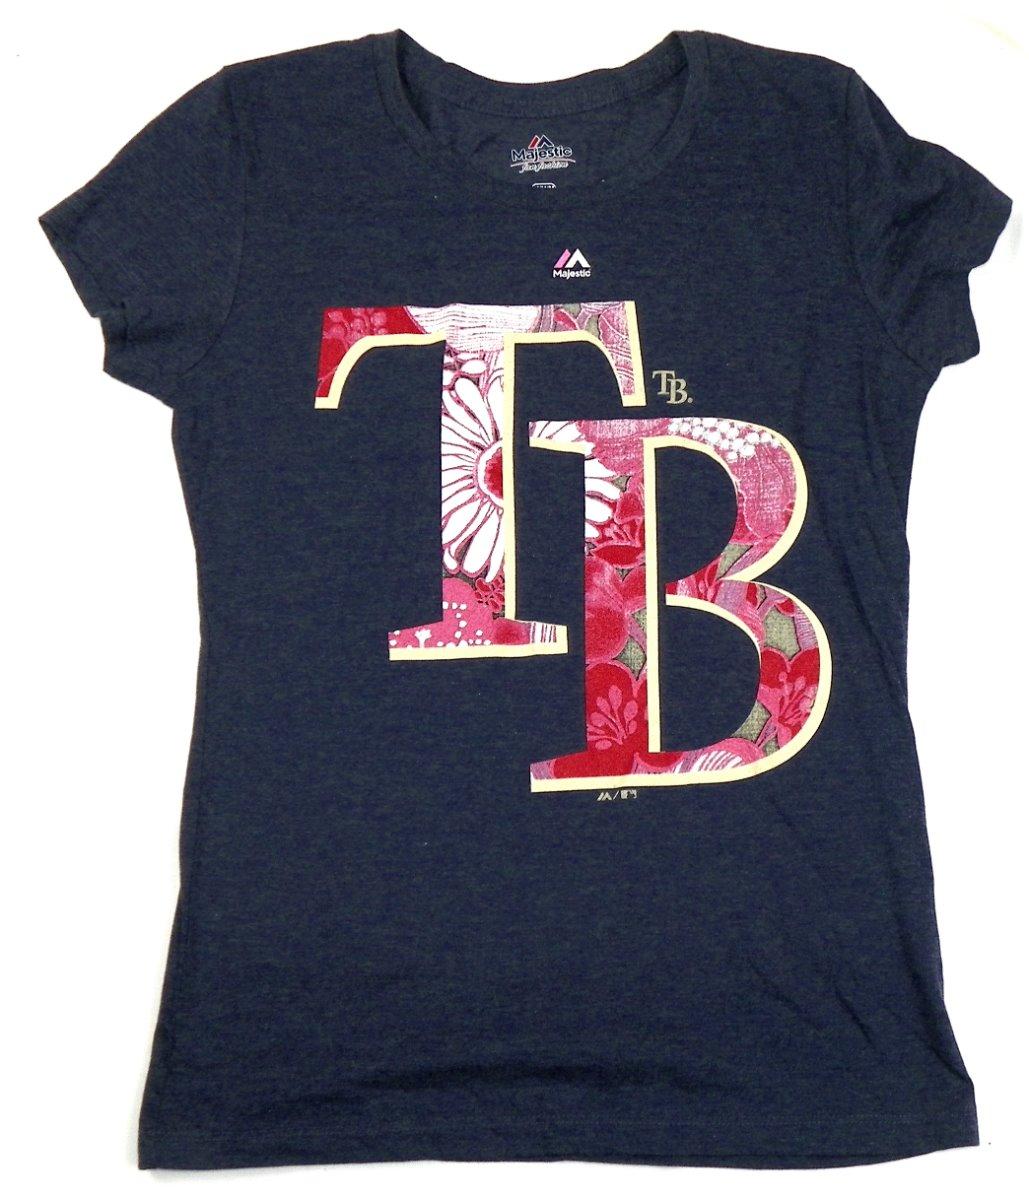 Shirt design tampa - Ladies Medium Tampa Bay Rays Shirt Majestic Fan Fashion Tee Floral Design